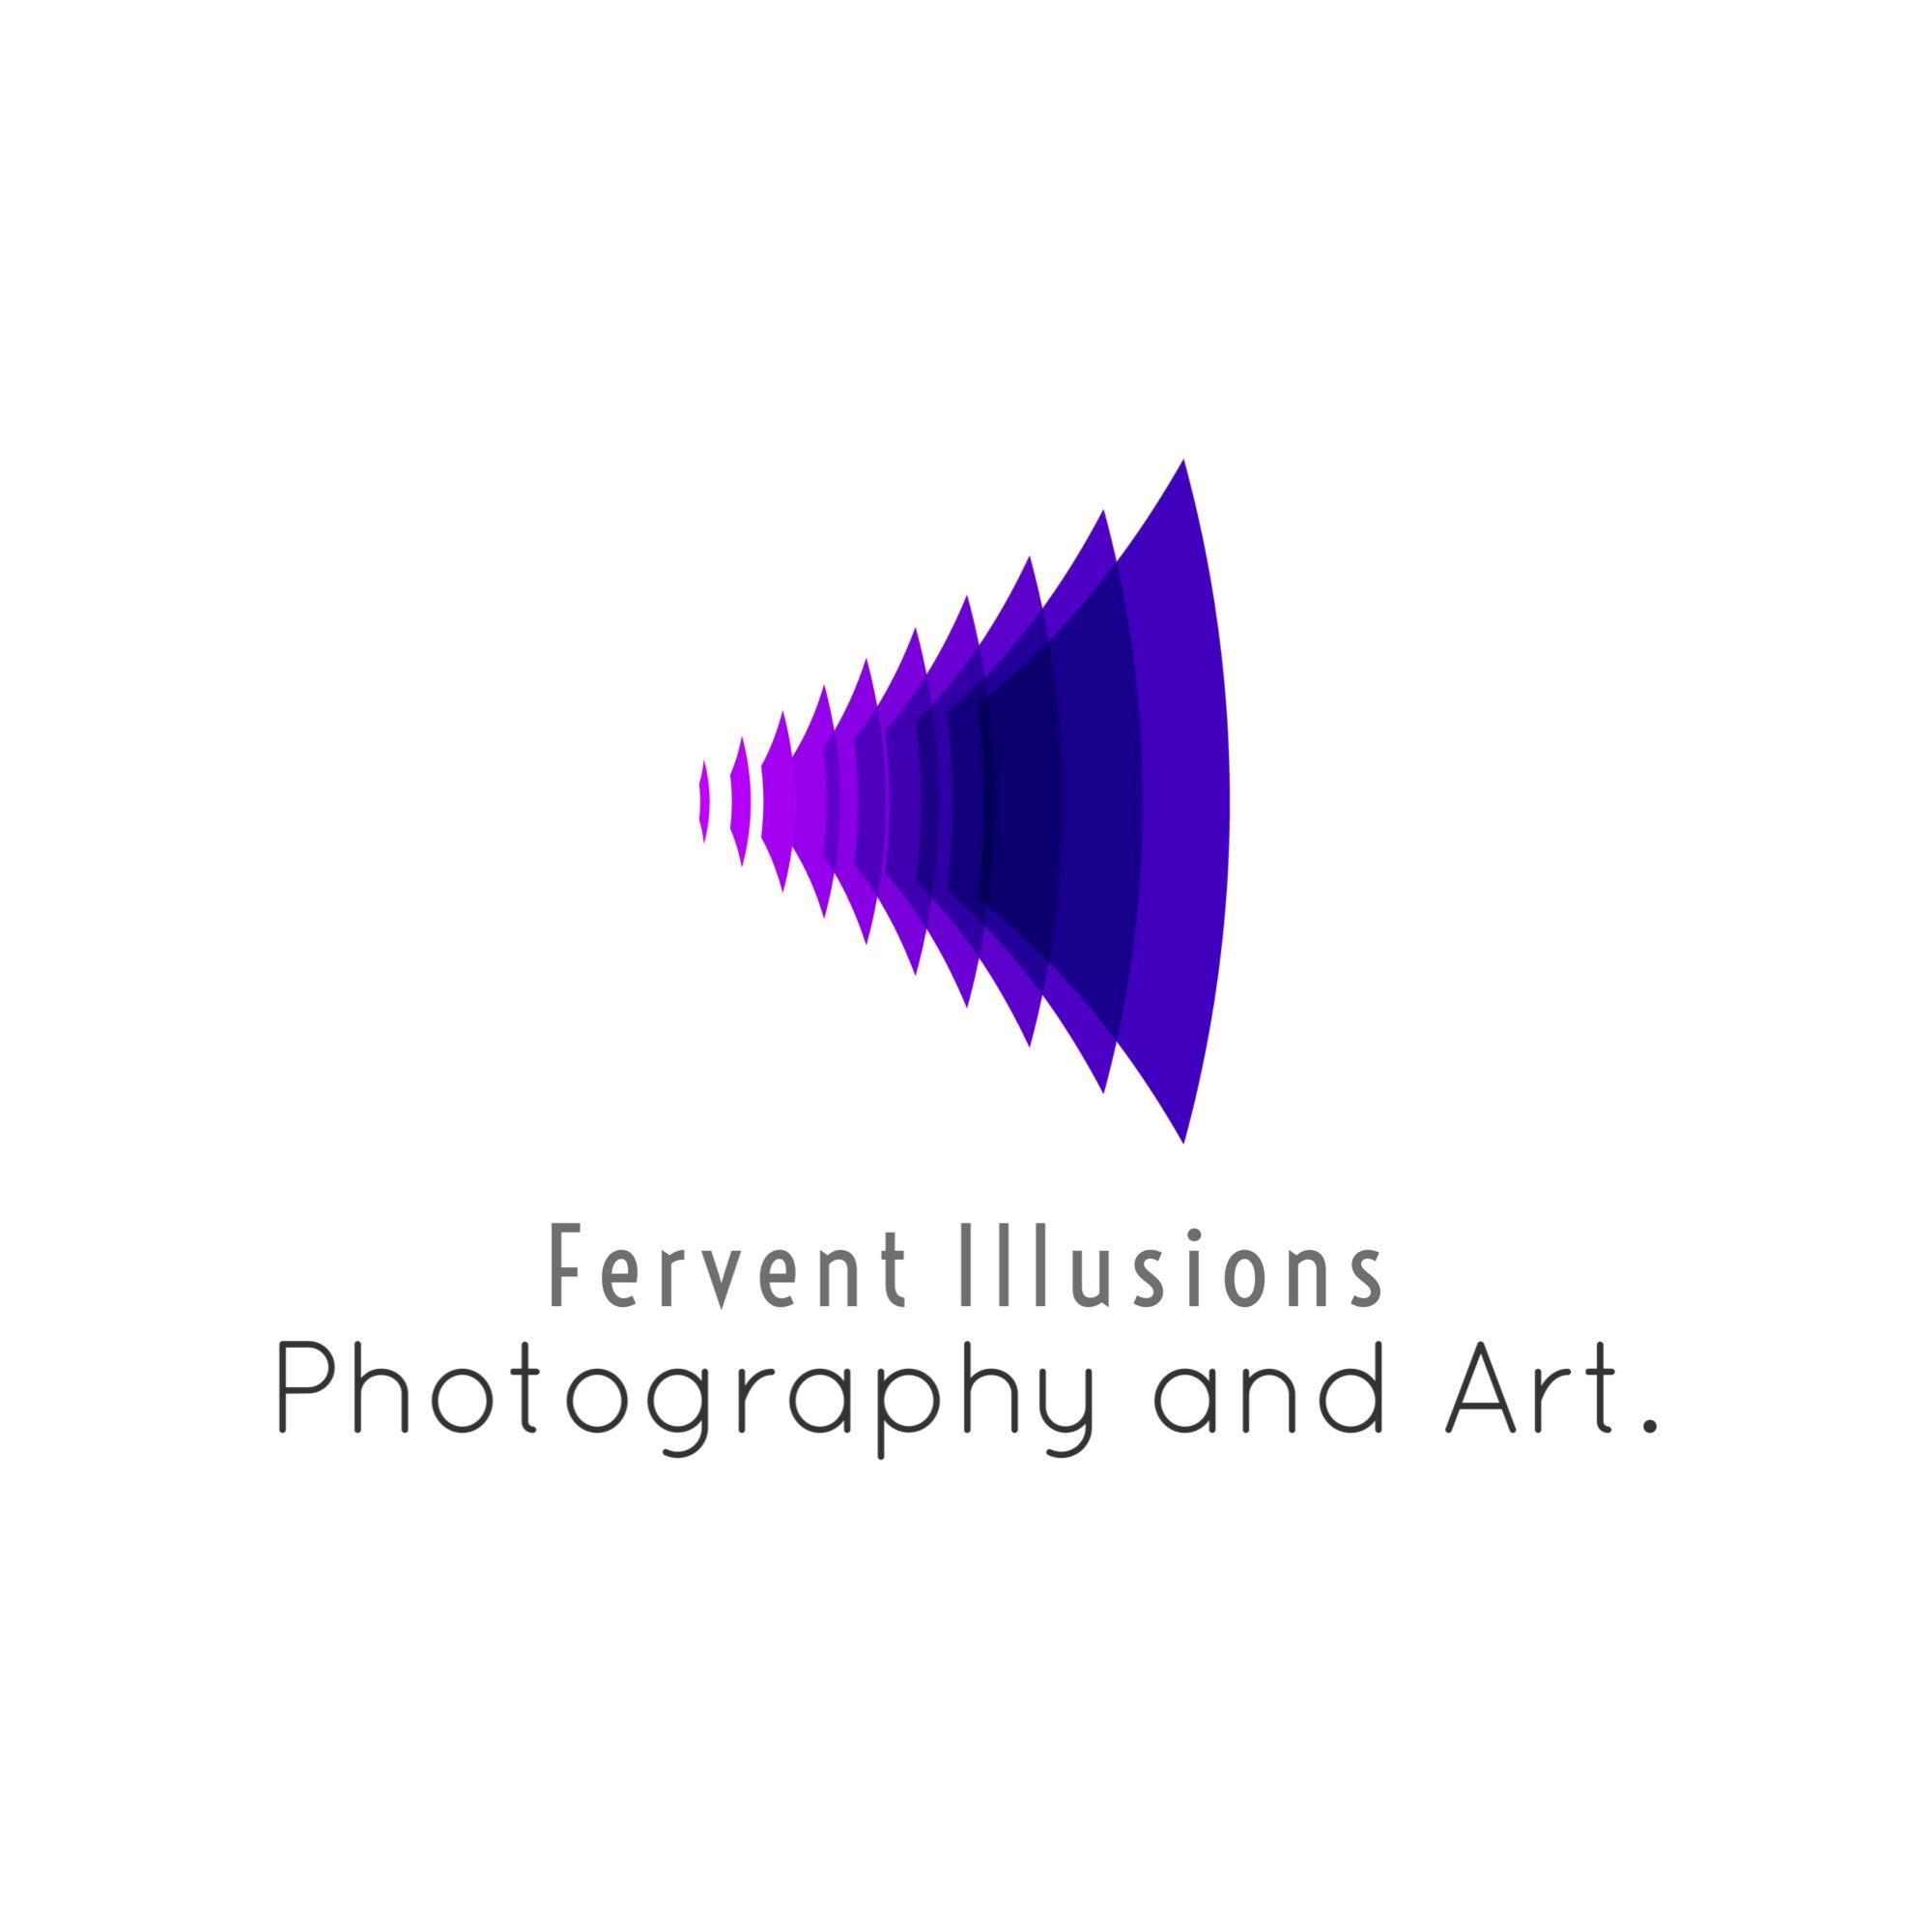 Fervent Illusions